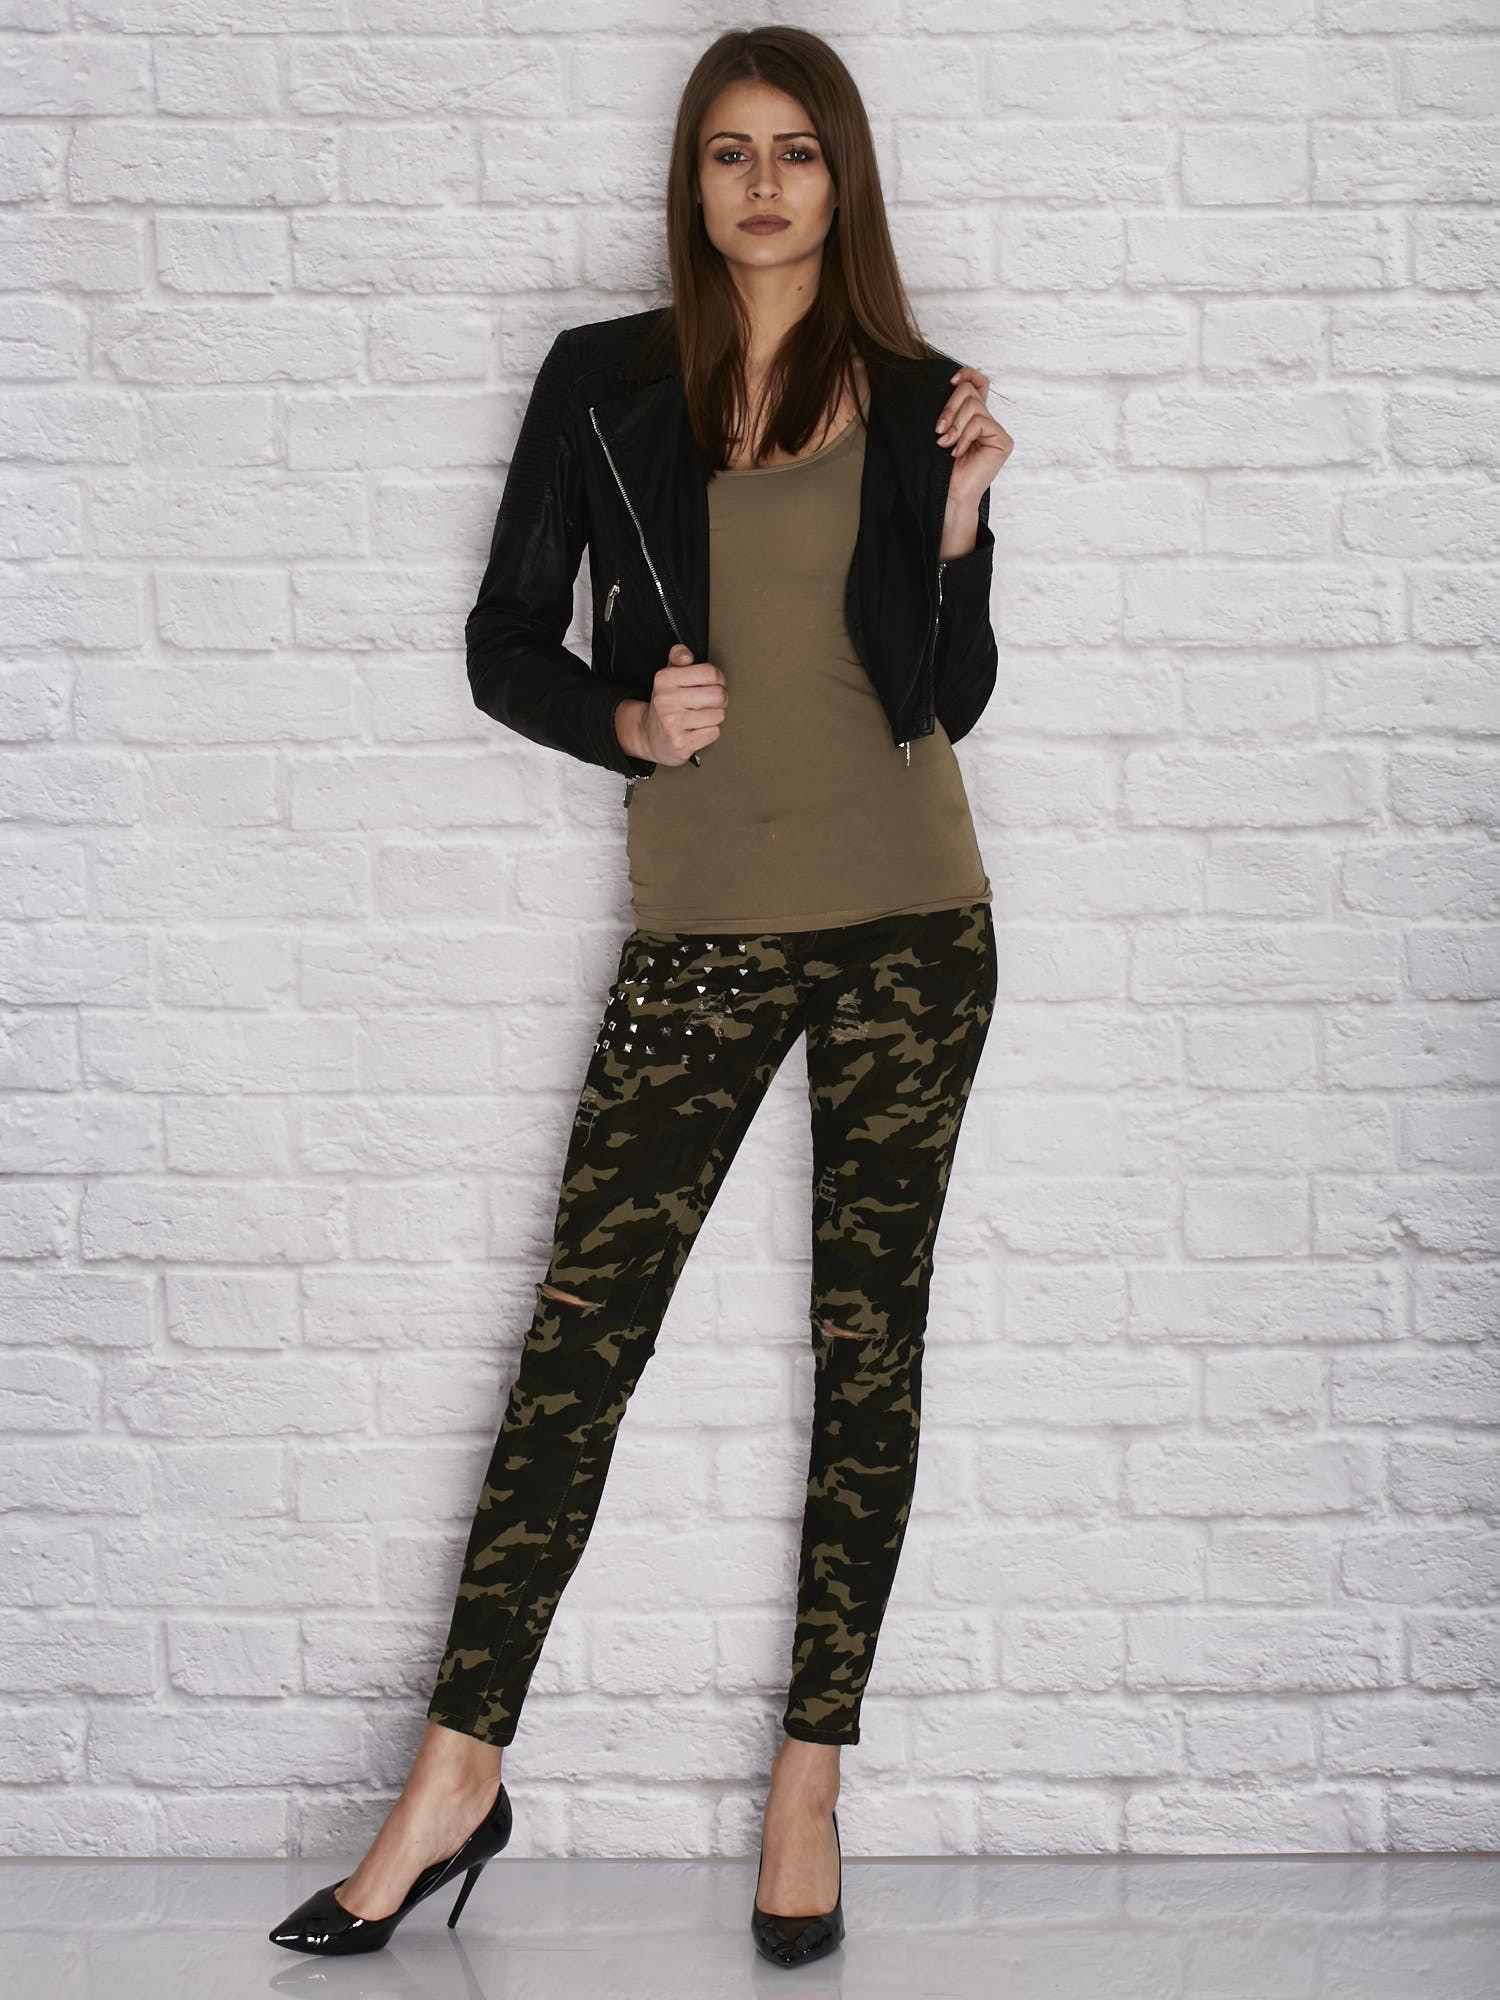 ee9e0c1c8cadc8 4 · Spodnie damskie rurki w moro wzór z dziurami i ćwiekami zielone ...